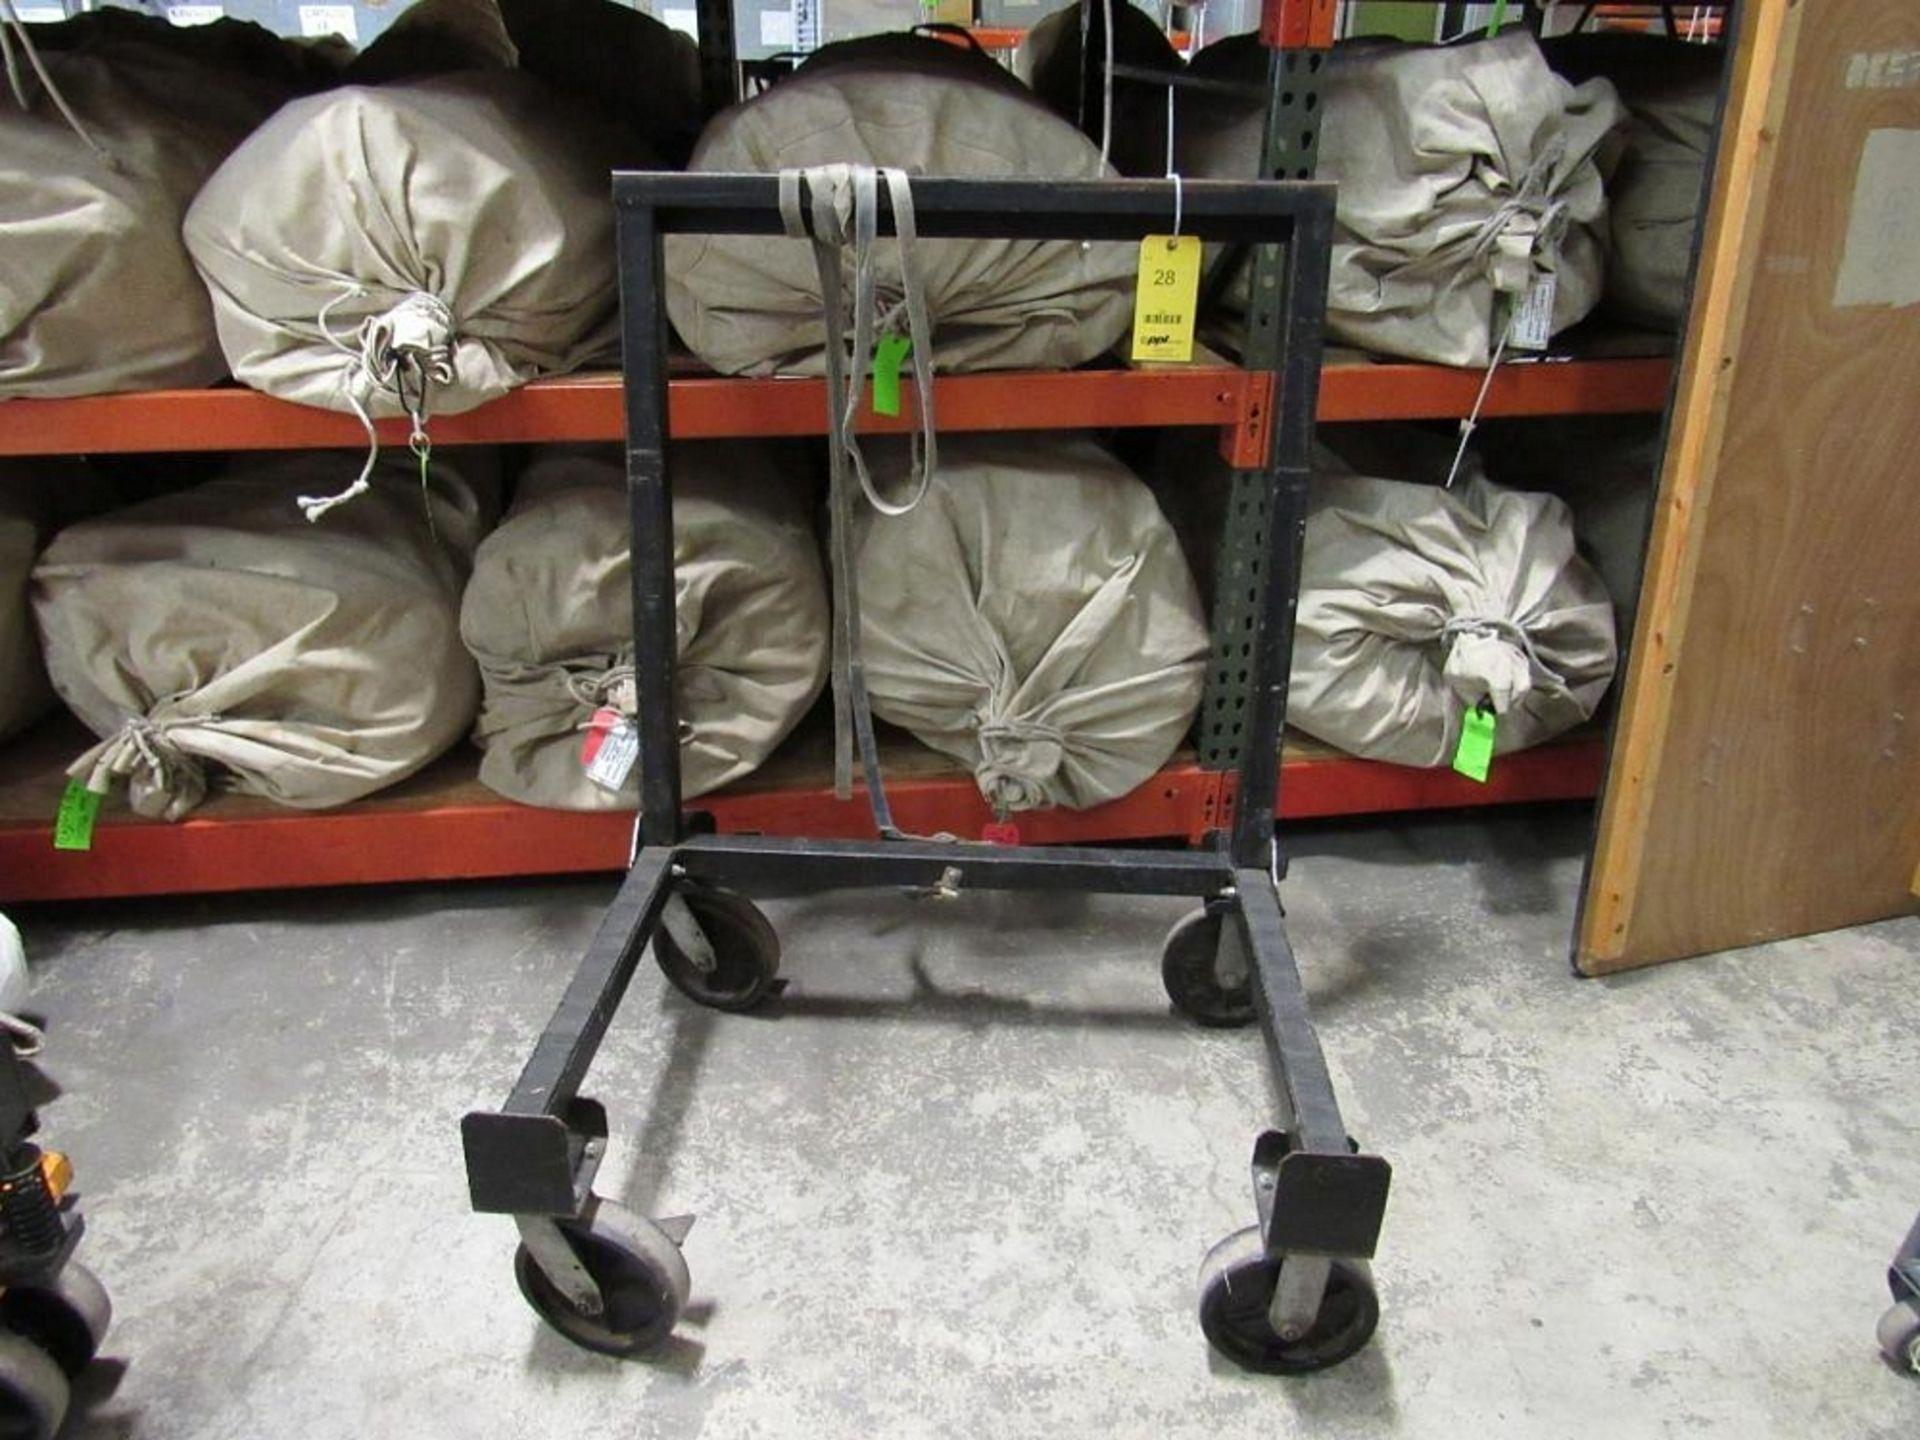 Lot 28 - Wenger Platform Cart